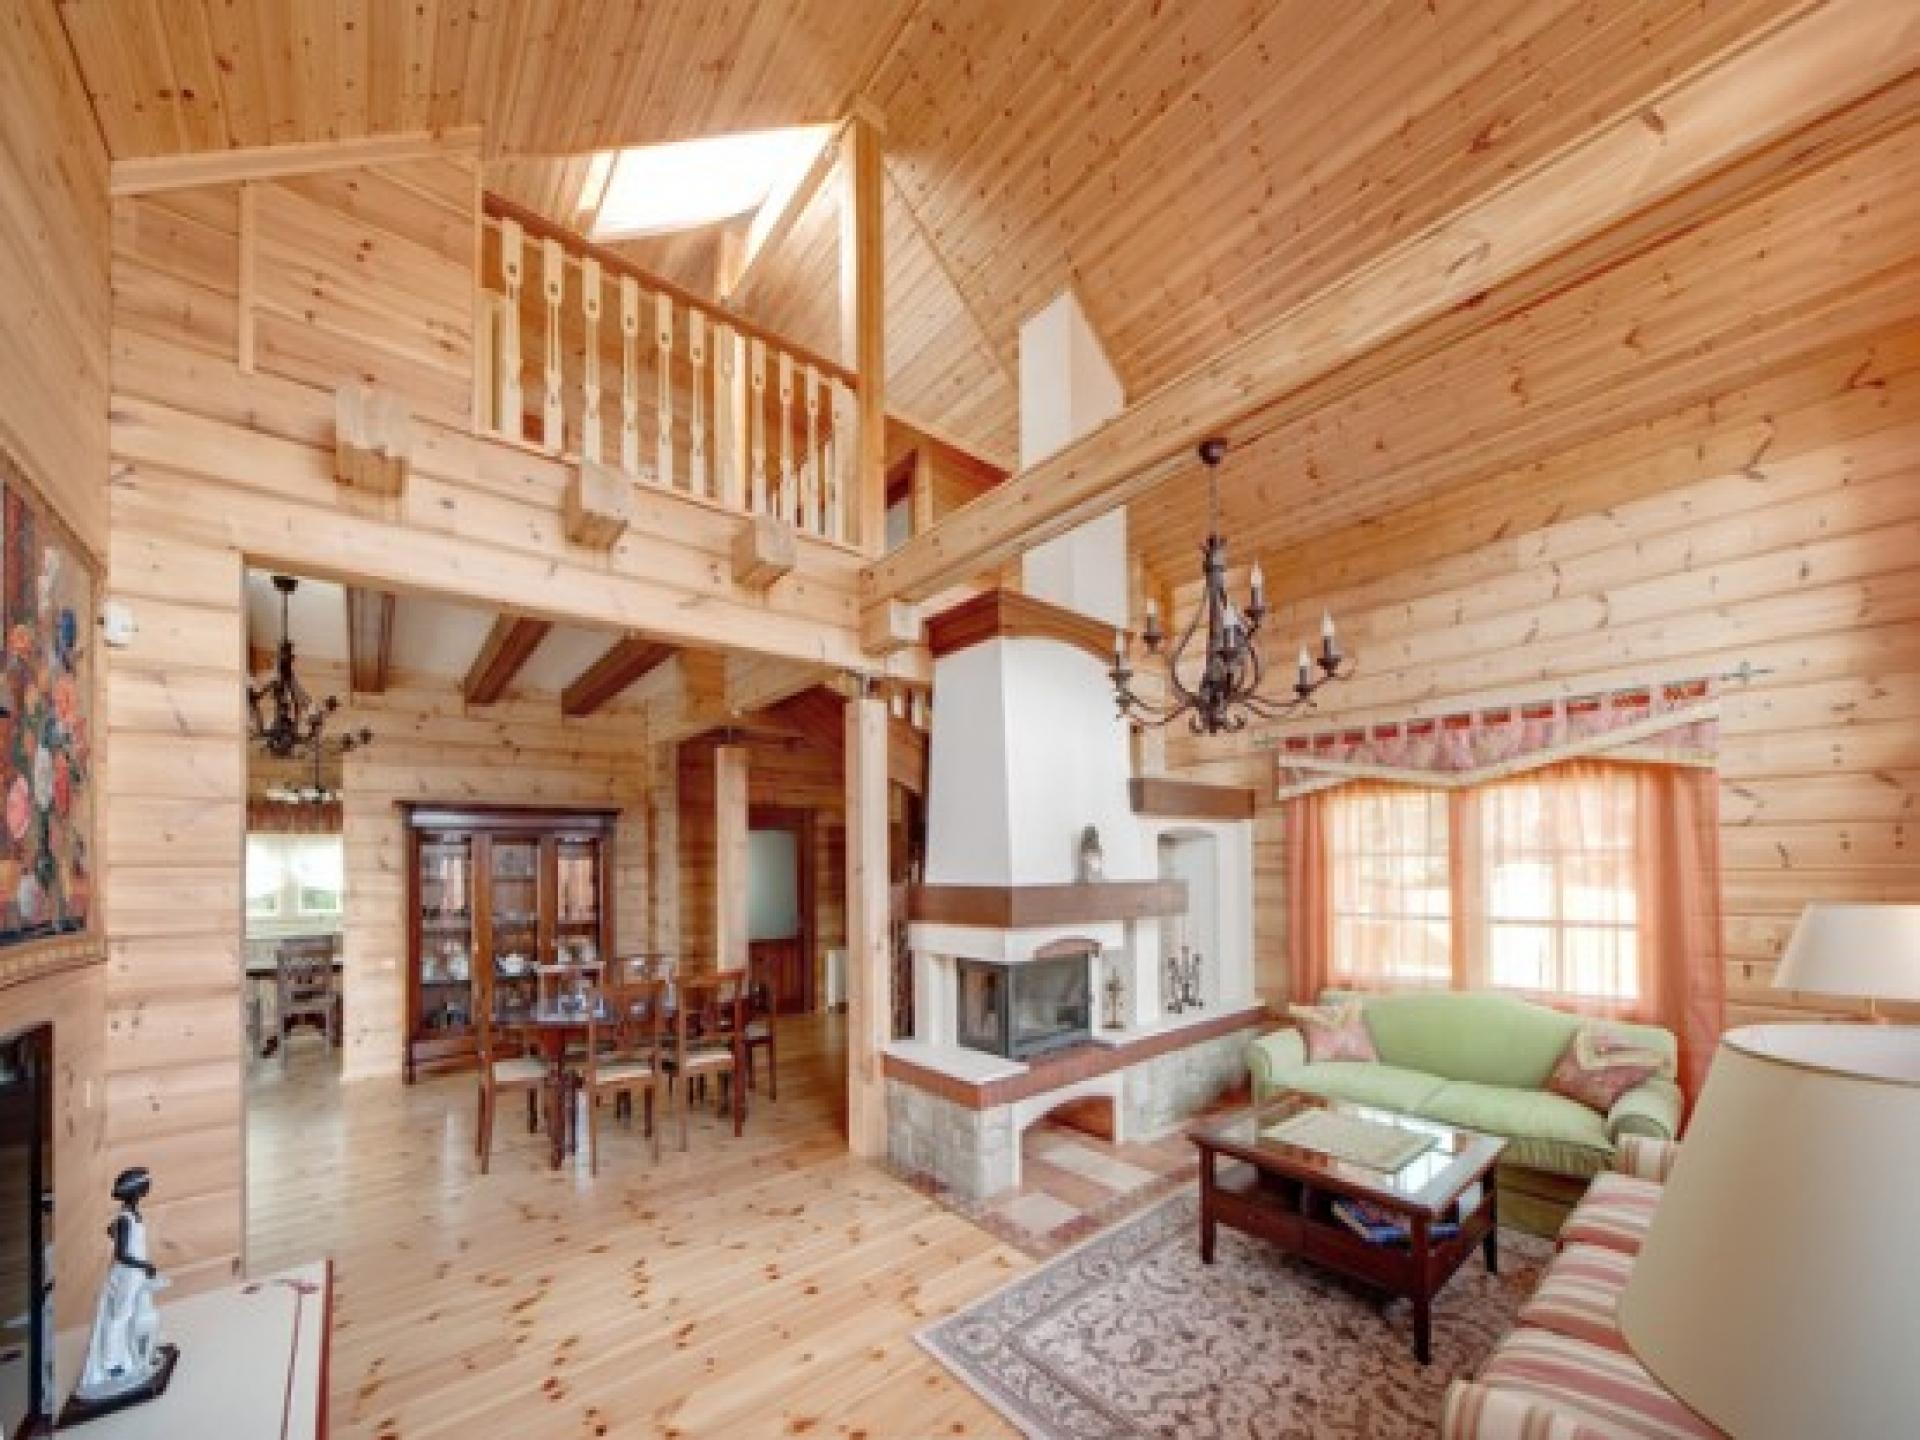 Загородный деревенский дом планировка и дизайн интерьера